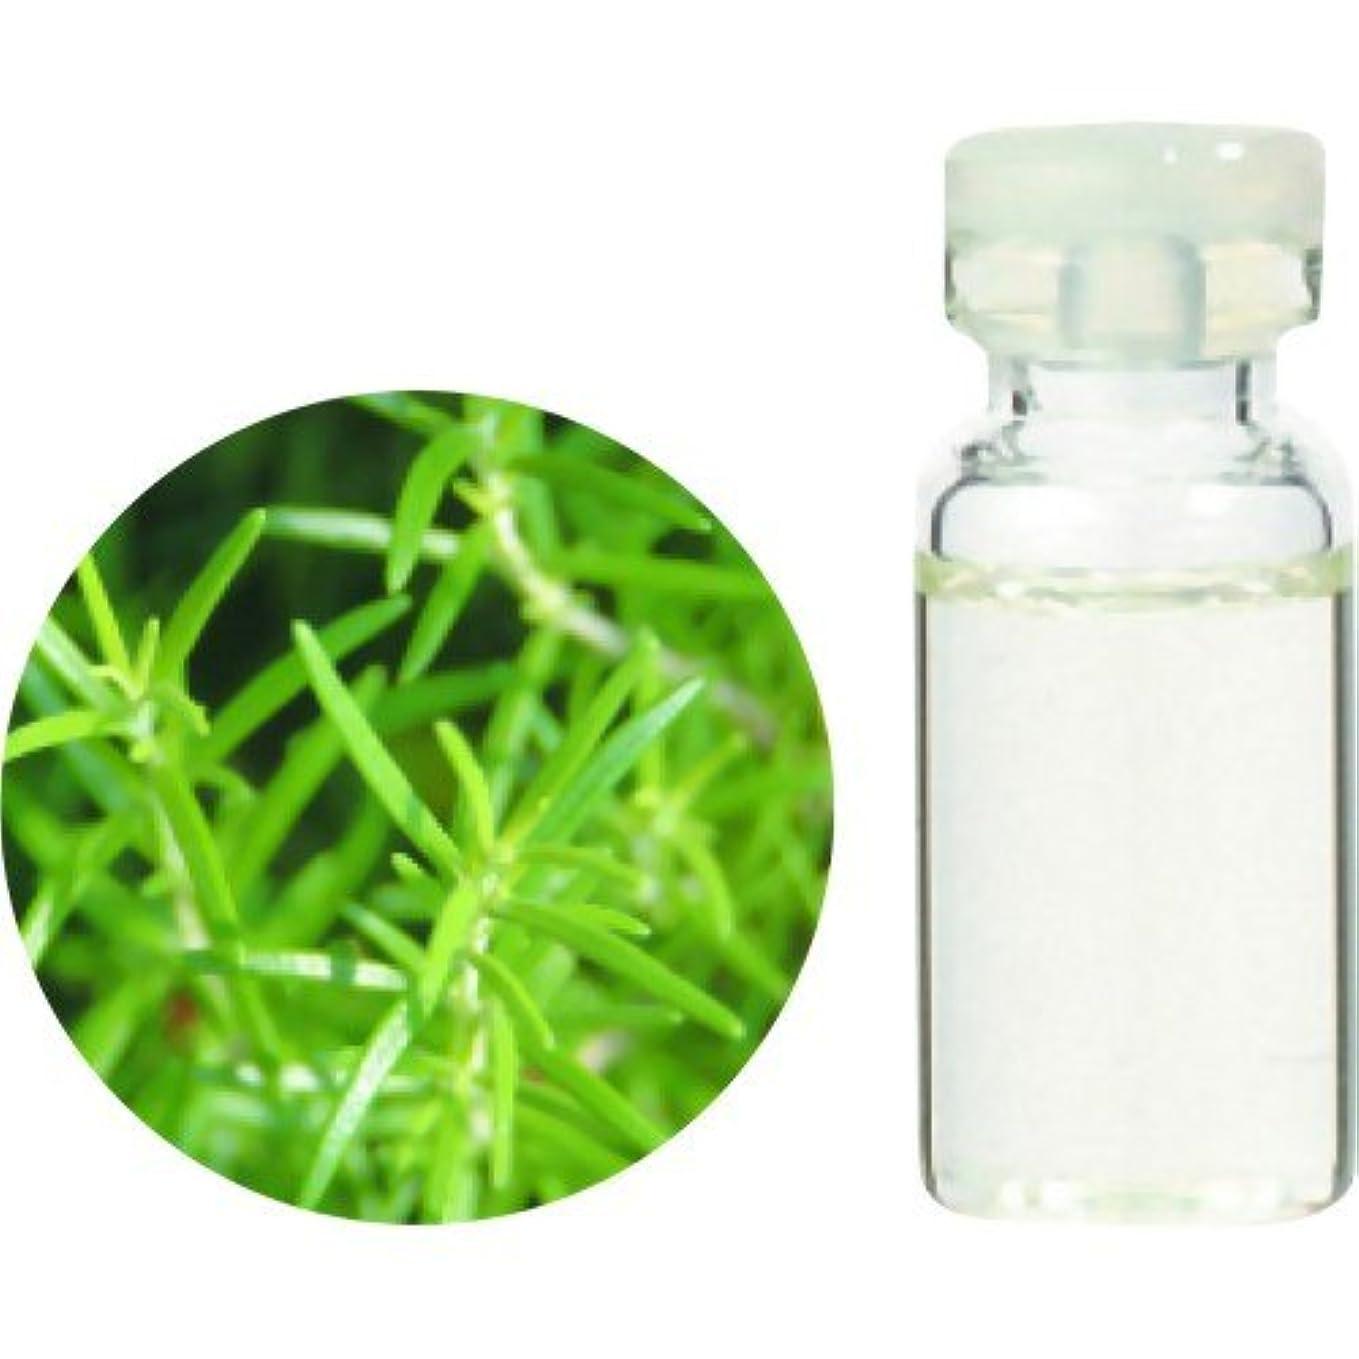 生活の木 Herbal Life Organic ローズマリー?シネオール 10ml